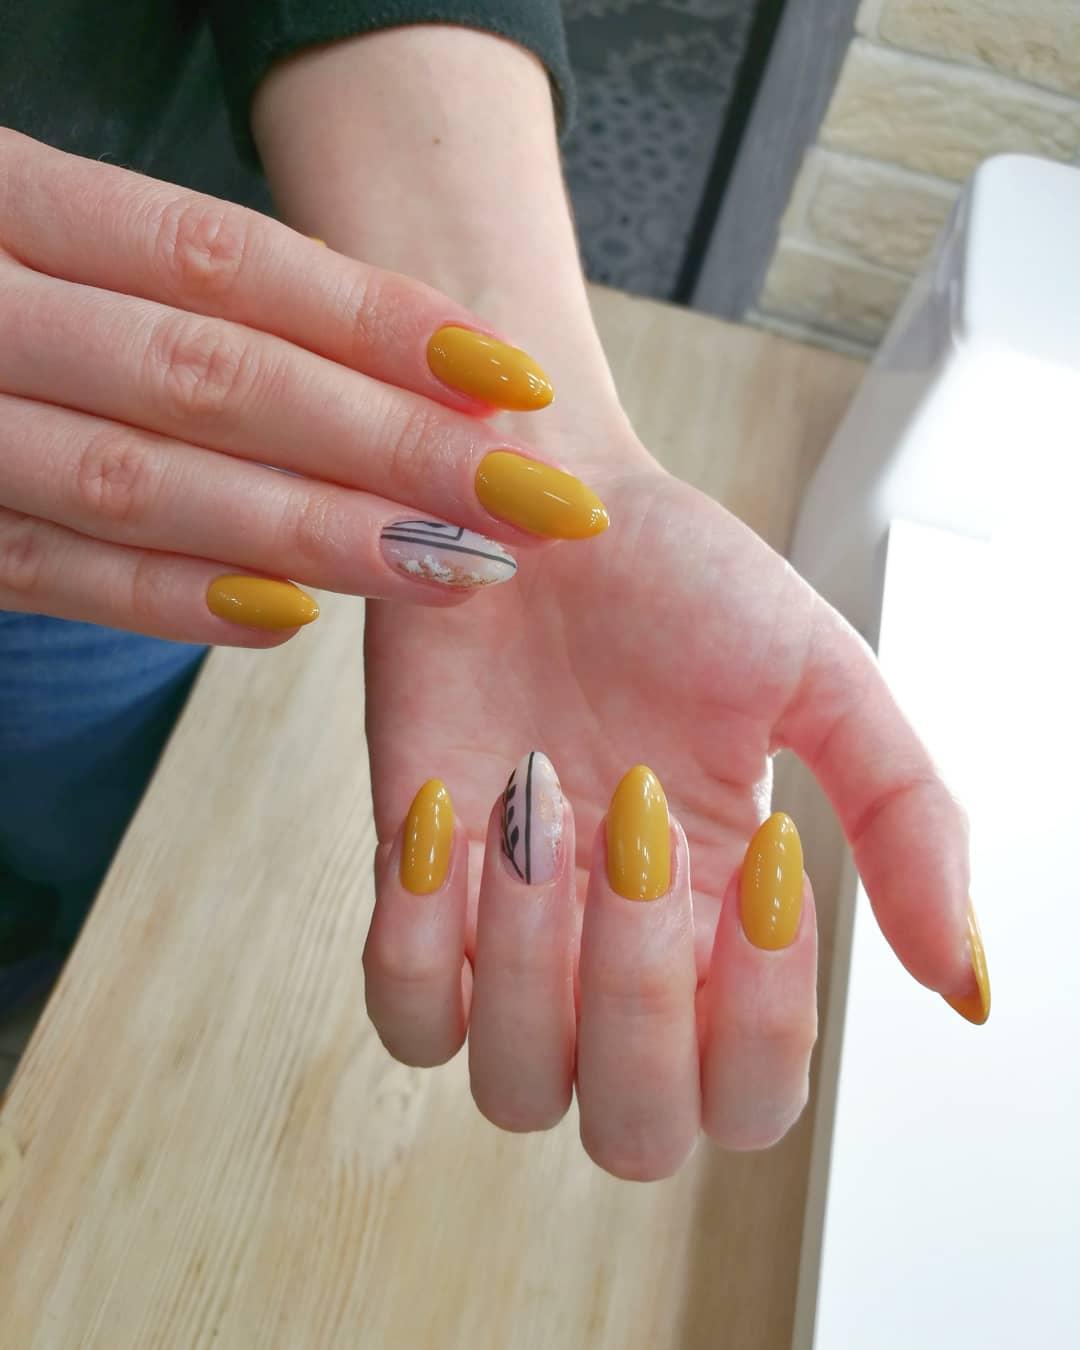 Маникюр с полосками в желтом цвете.